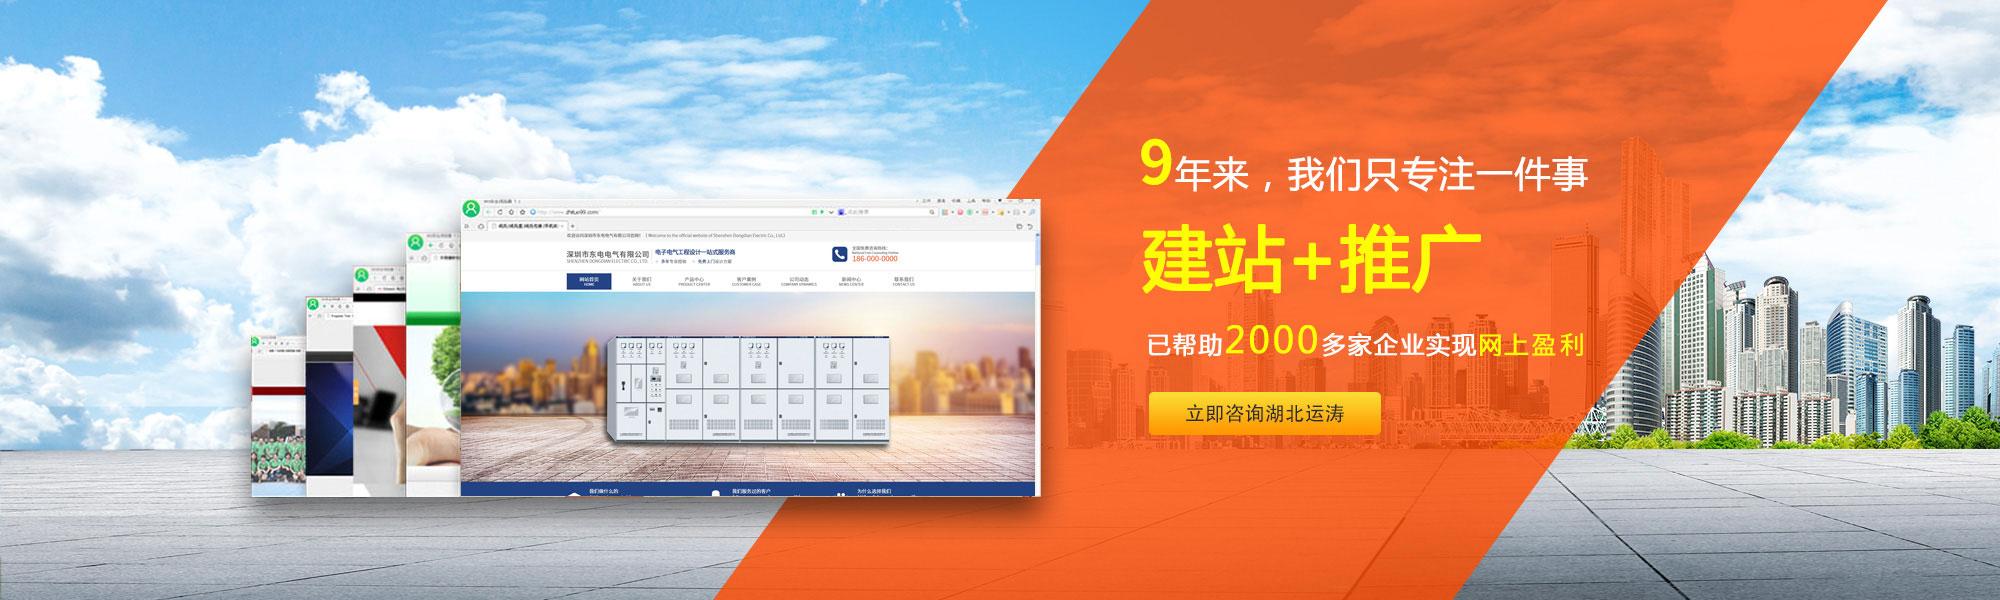 襄阳网站建设公司